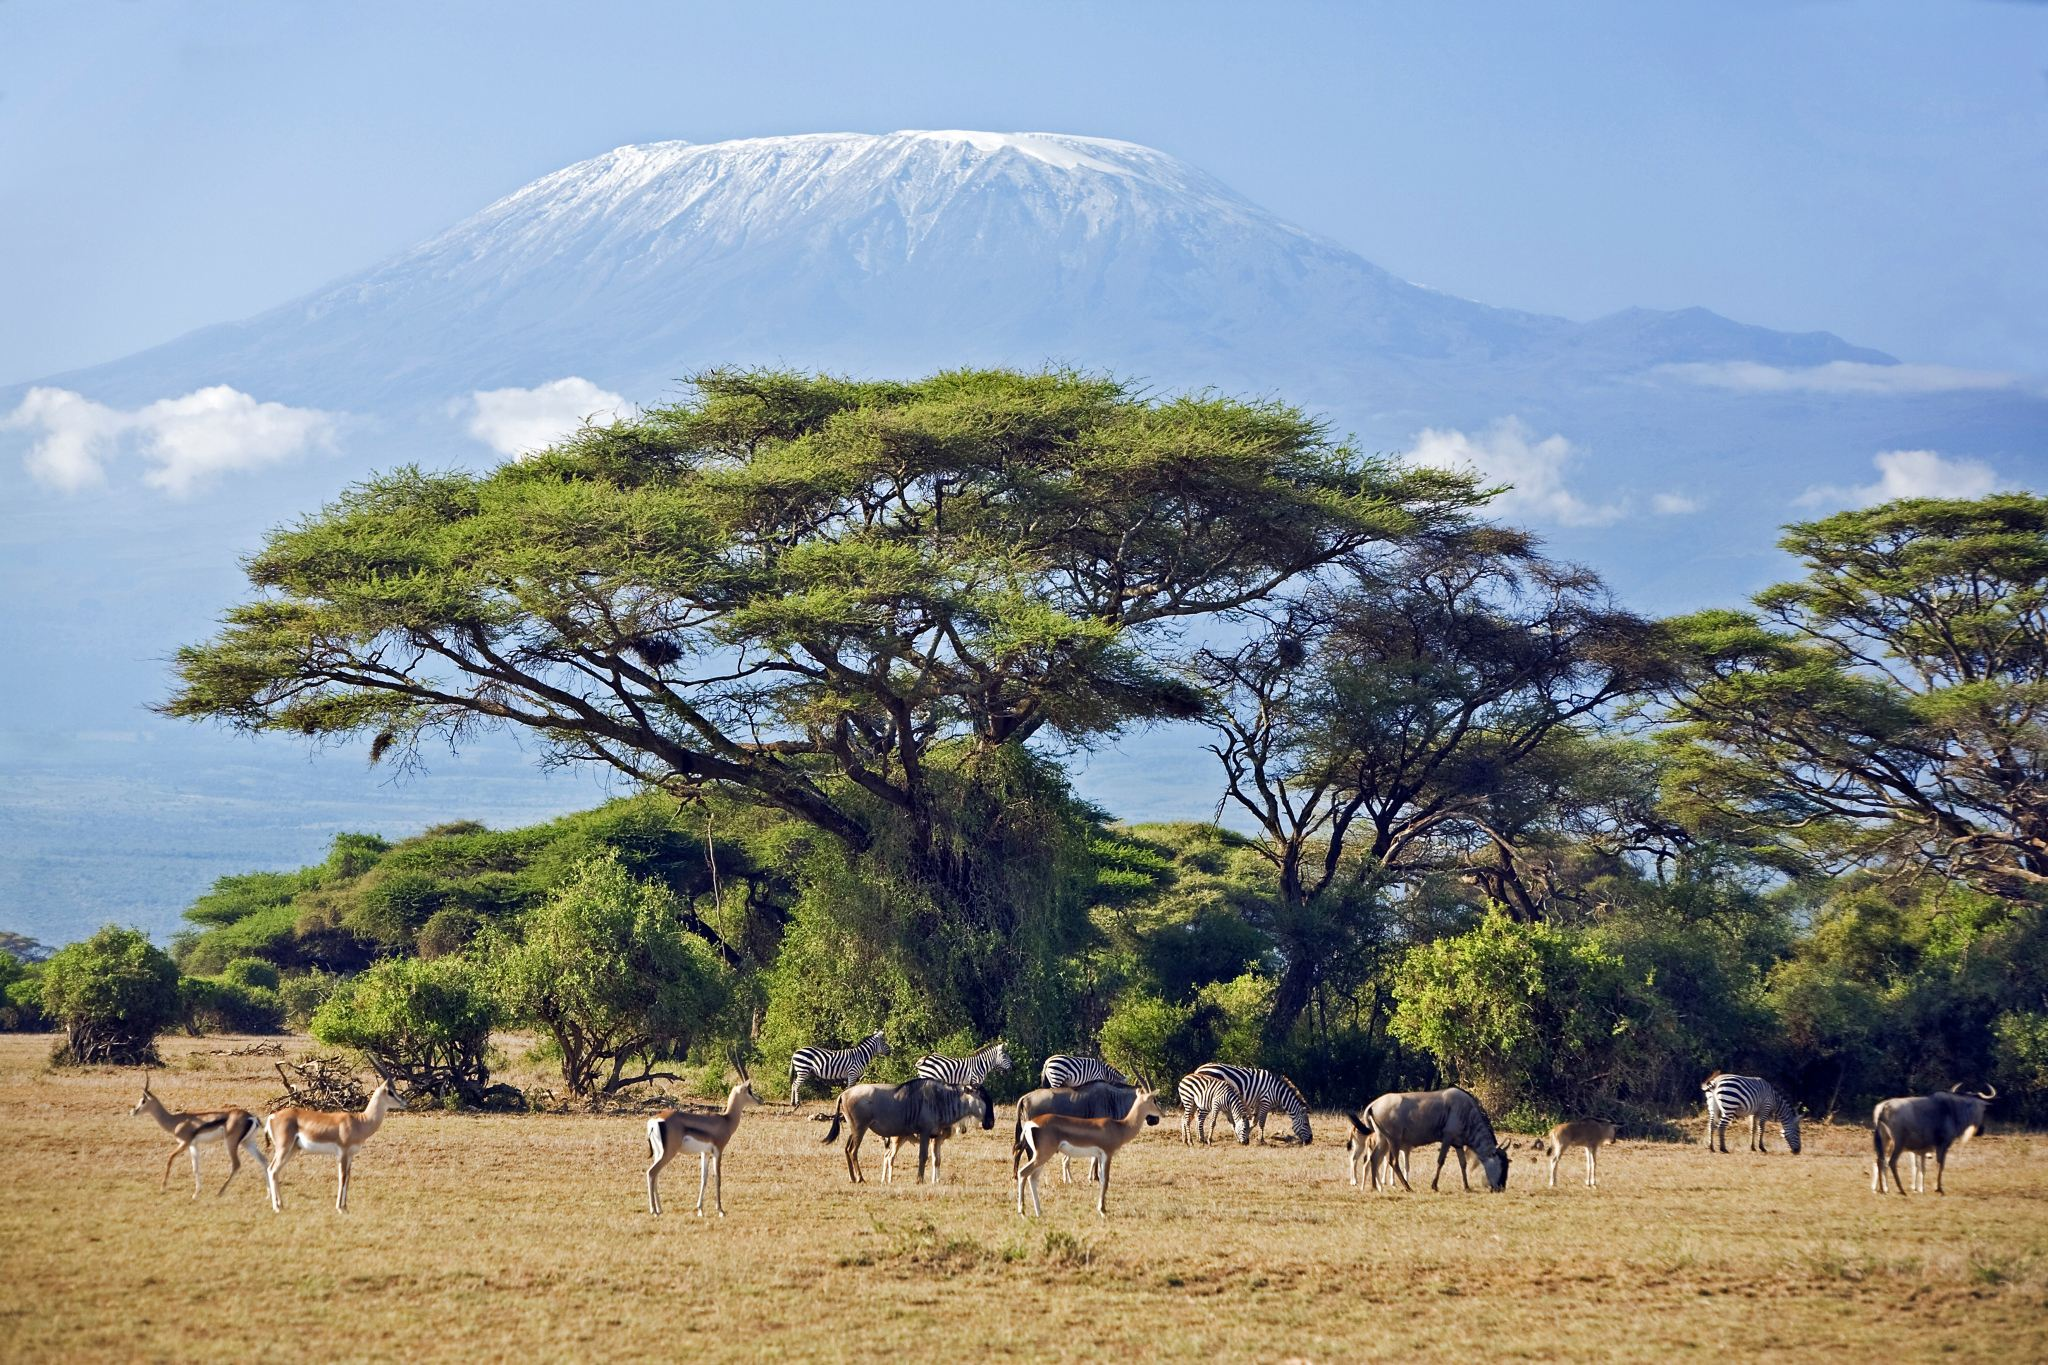 非洲的伊甸园,位于世界第二大火山口,与月球火山口极为相似-第1张图片-IT新视野